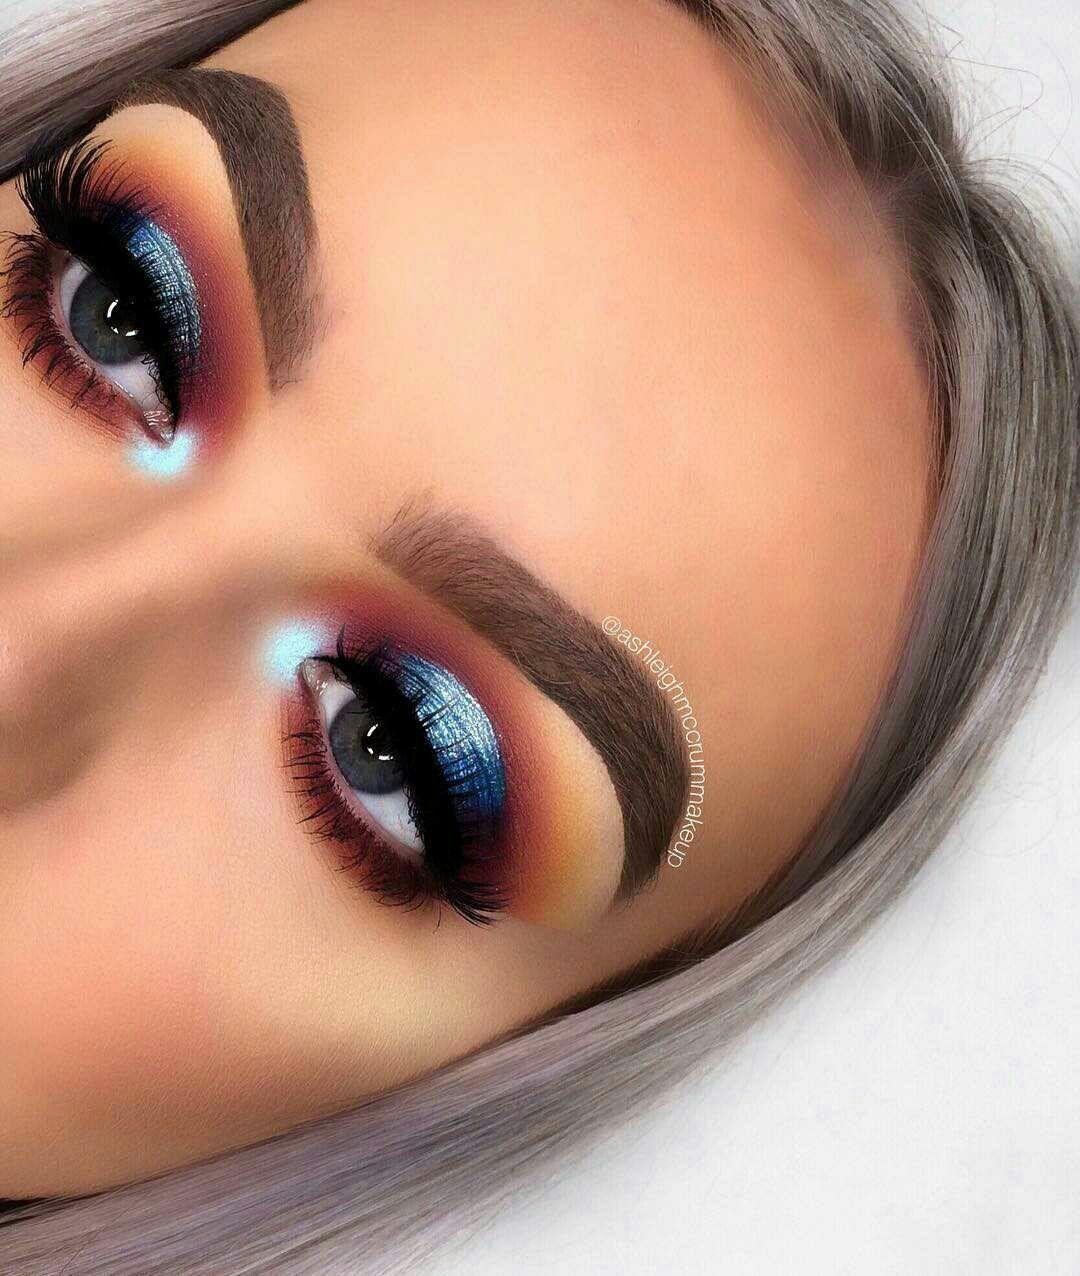 Makeup Looks Dramatic Eyeshadow Blue And Orange Halo Eye Glam